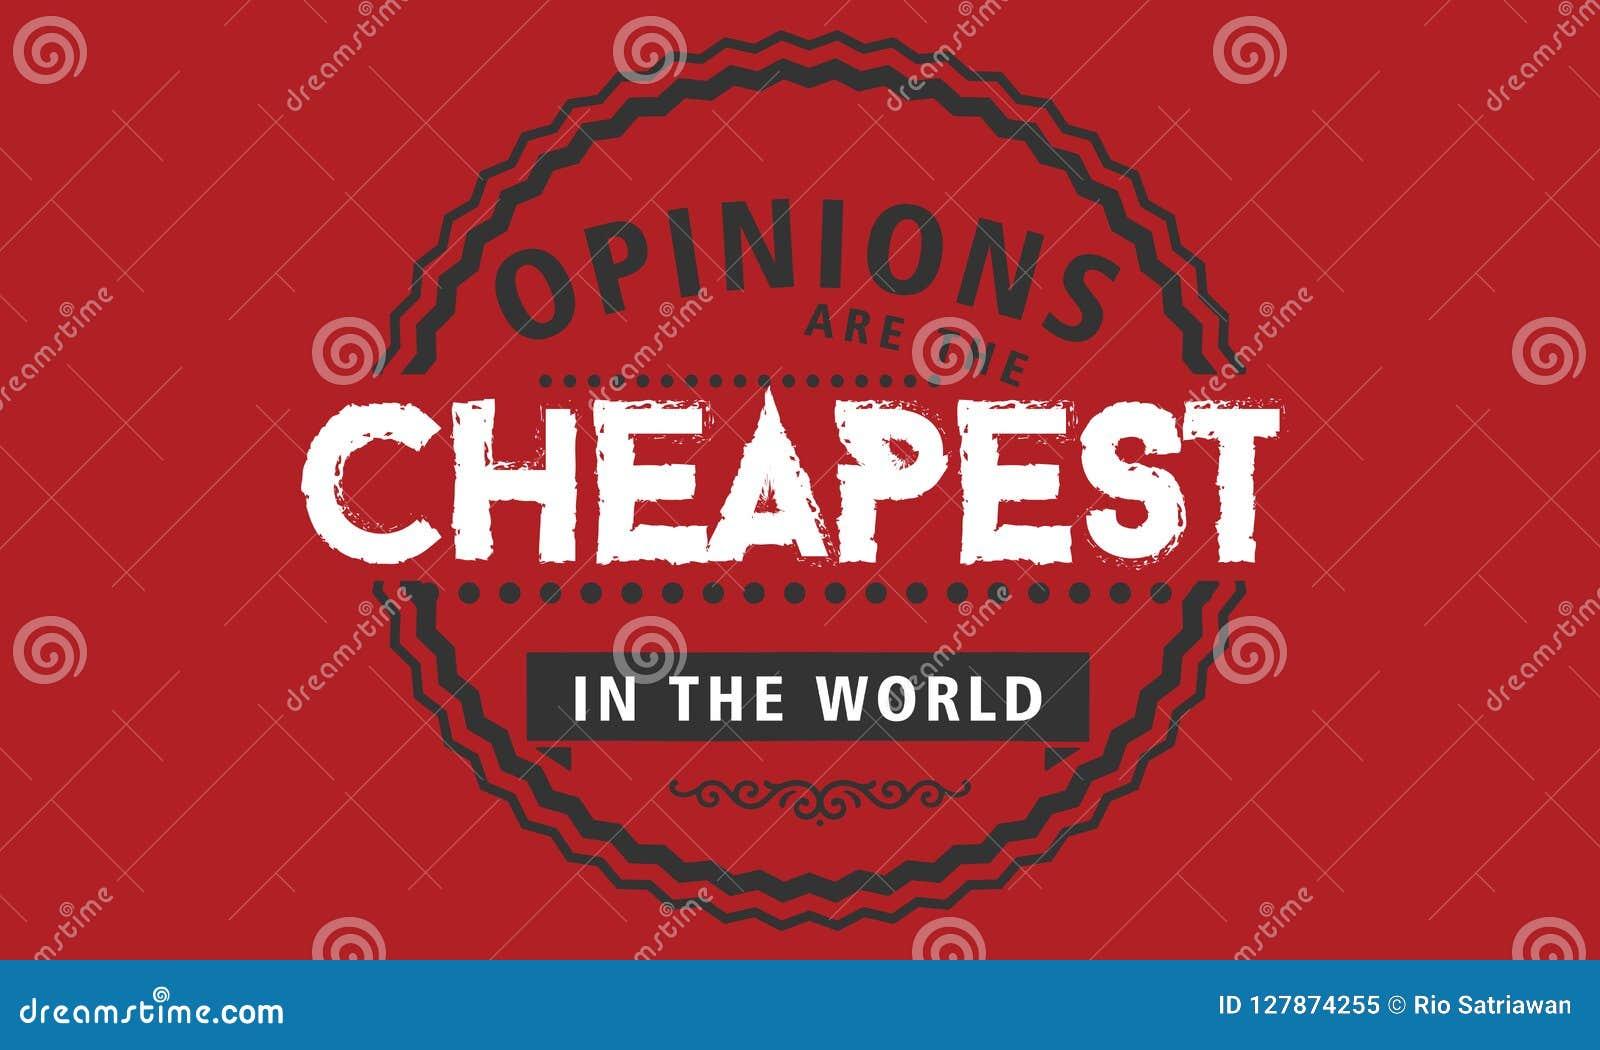 Åsikter är de mest billiga artiklarna i världen